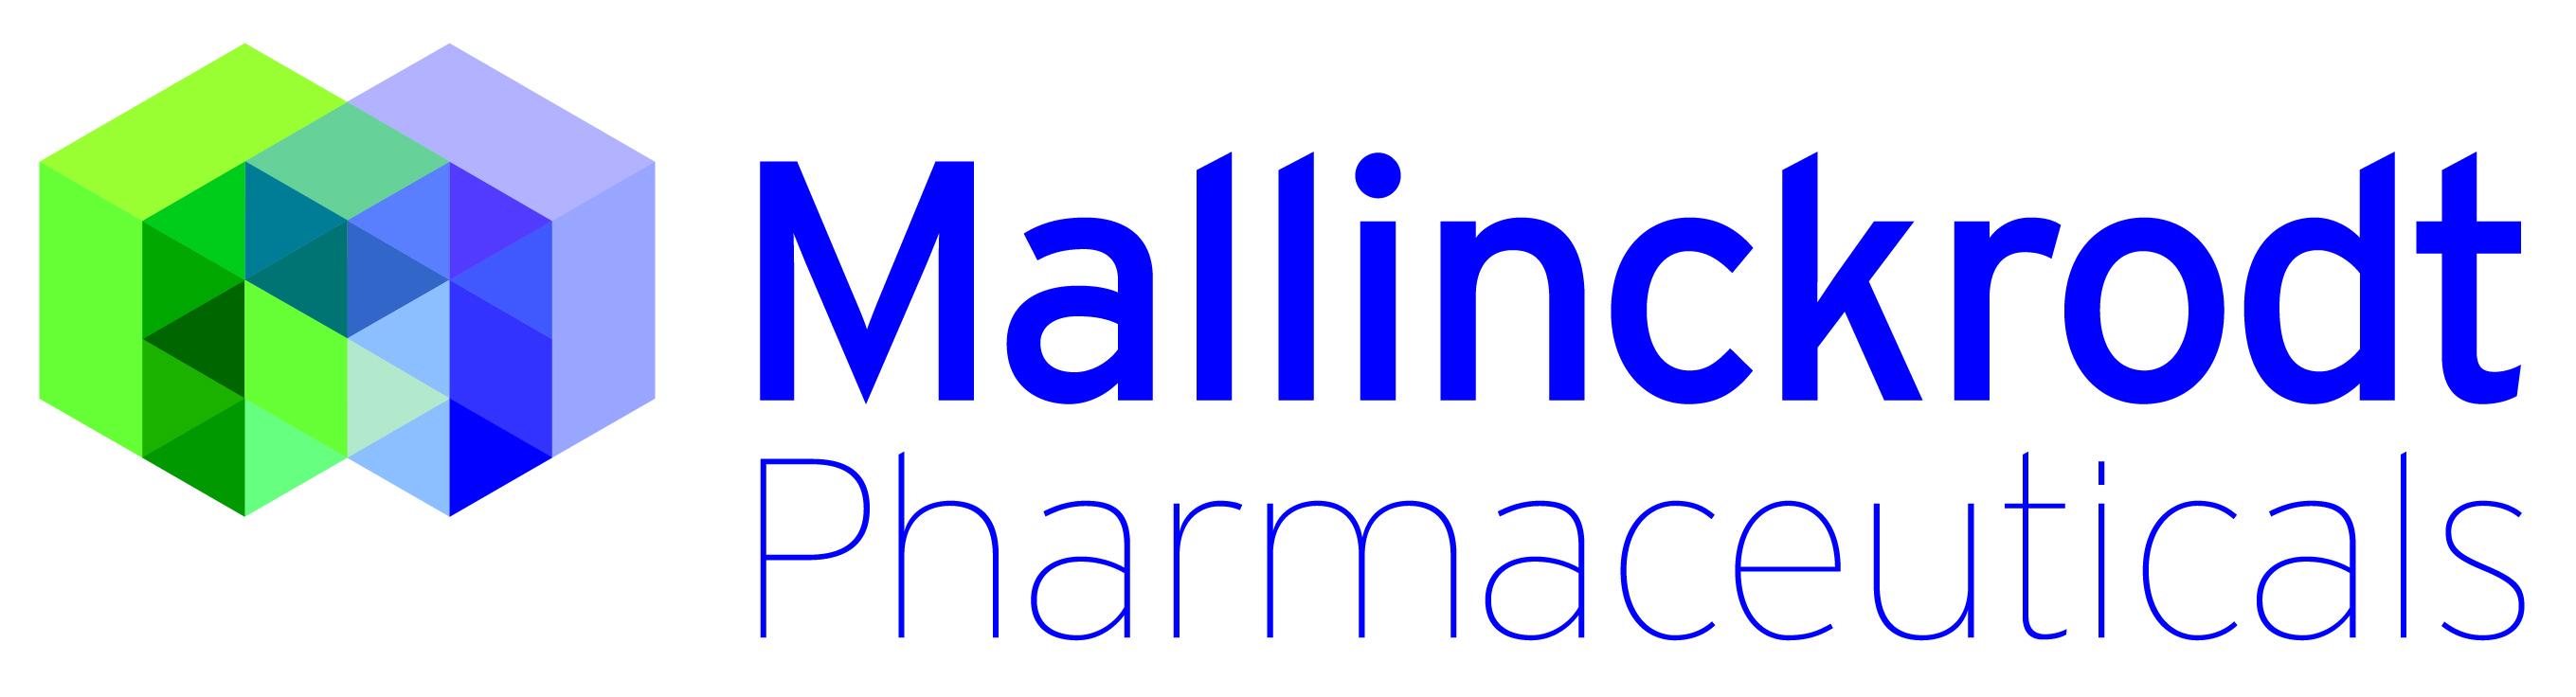 Mallinckrodt_Standard_Color v3-01 (1)